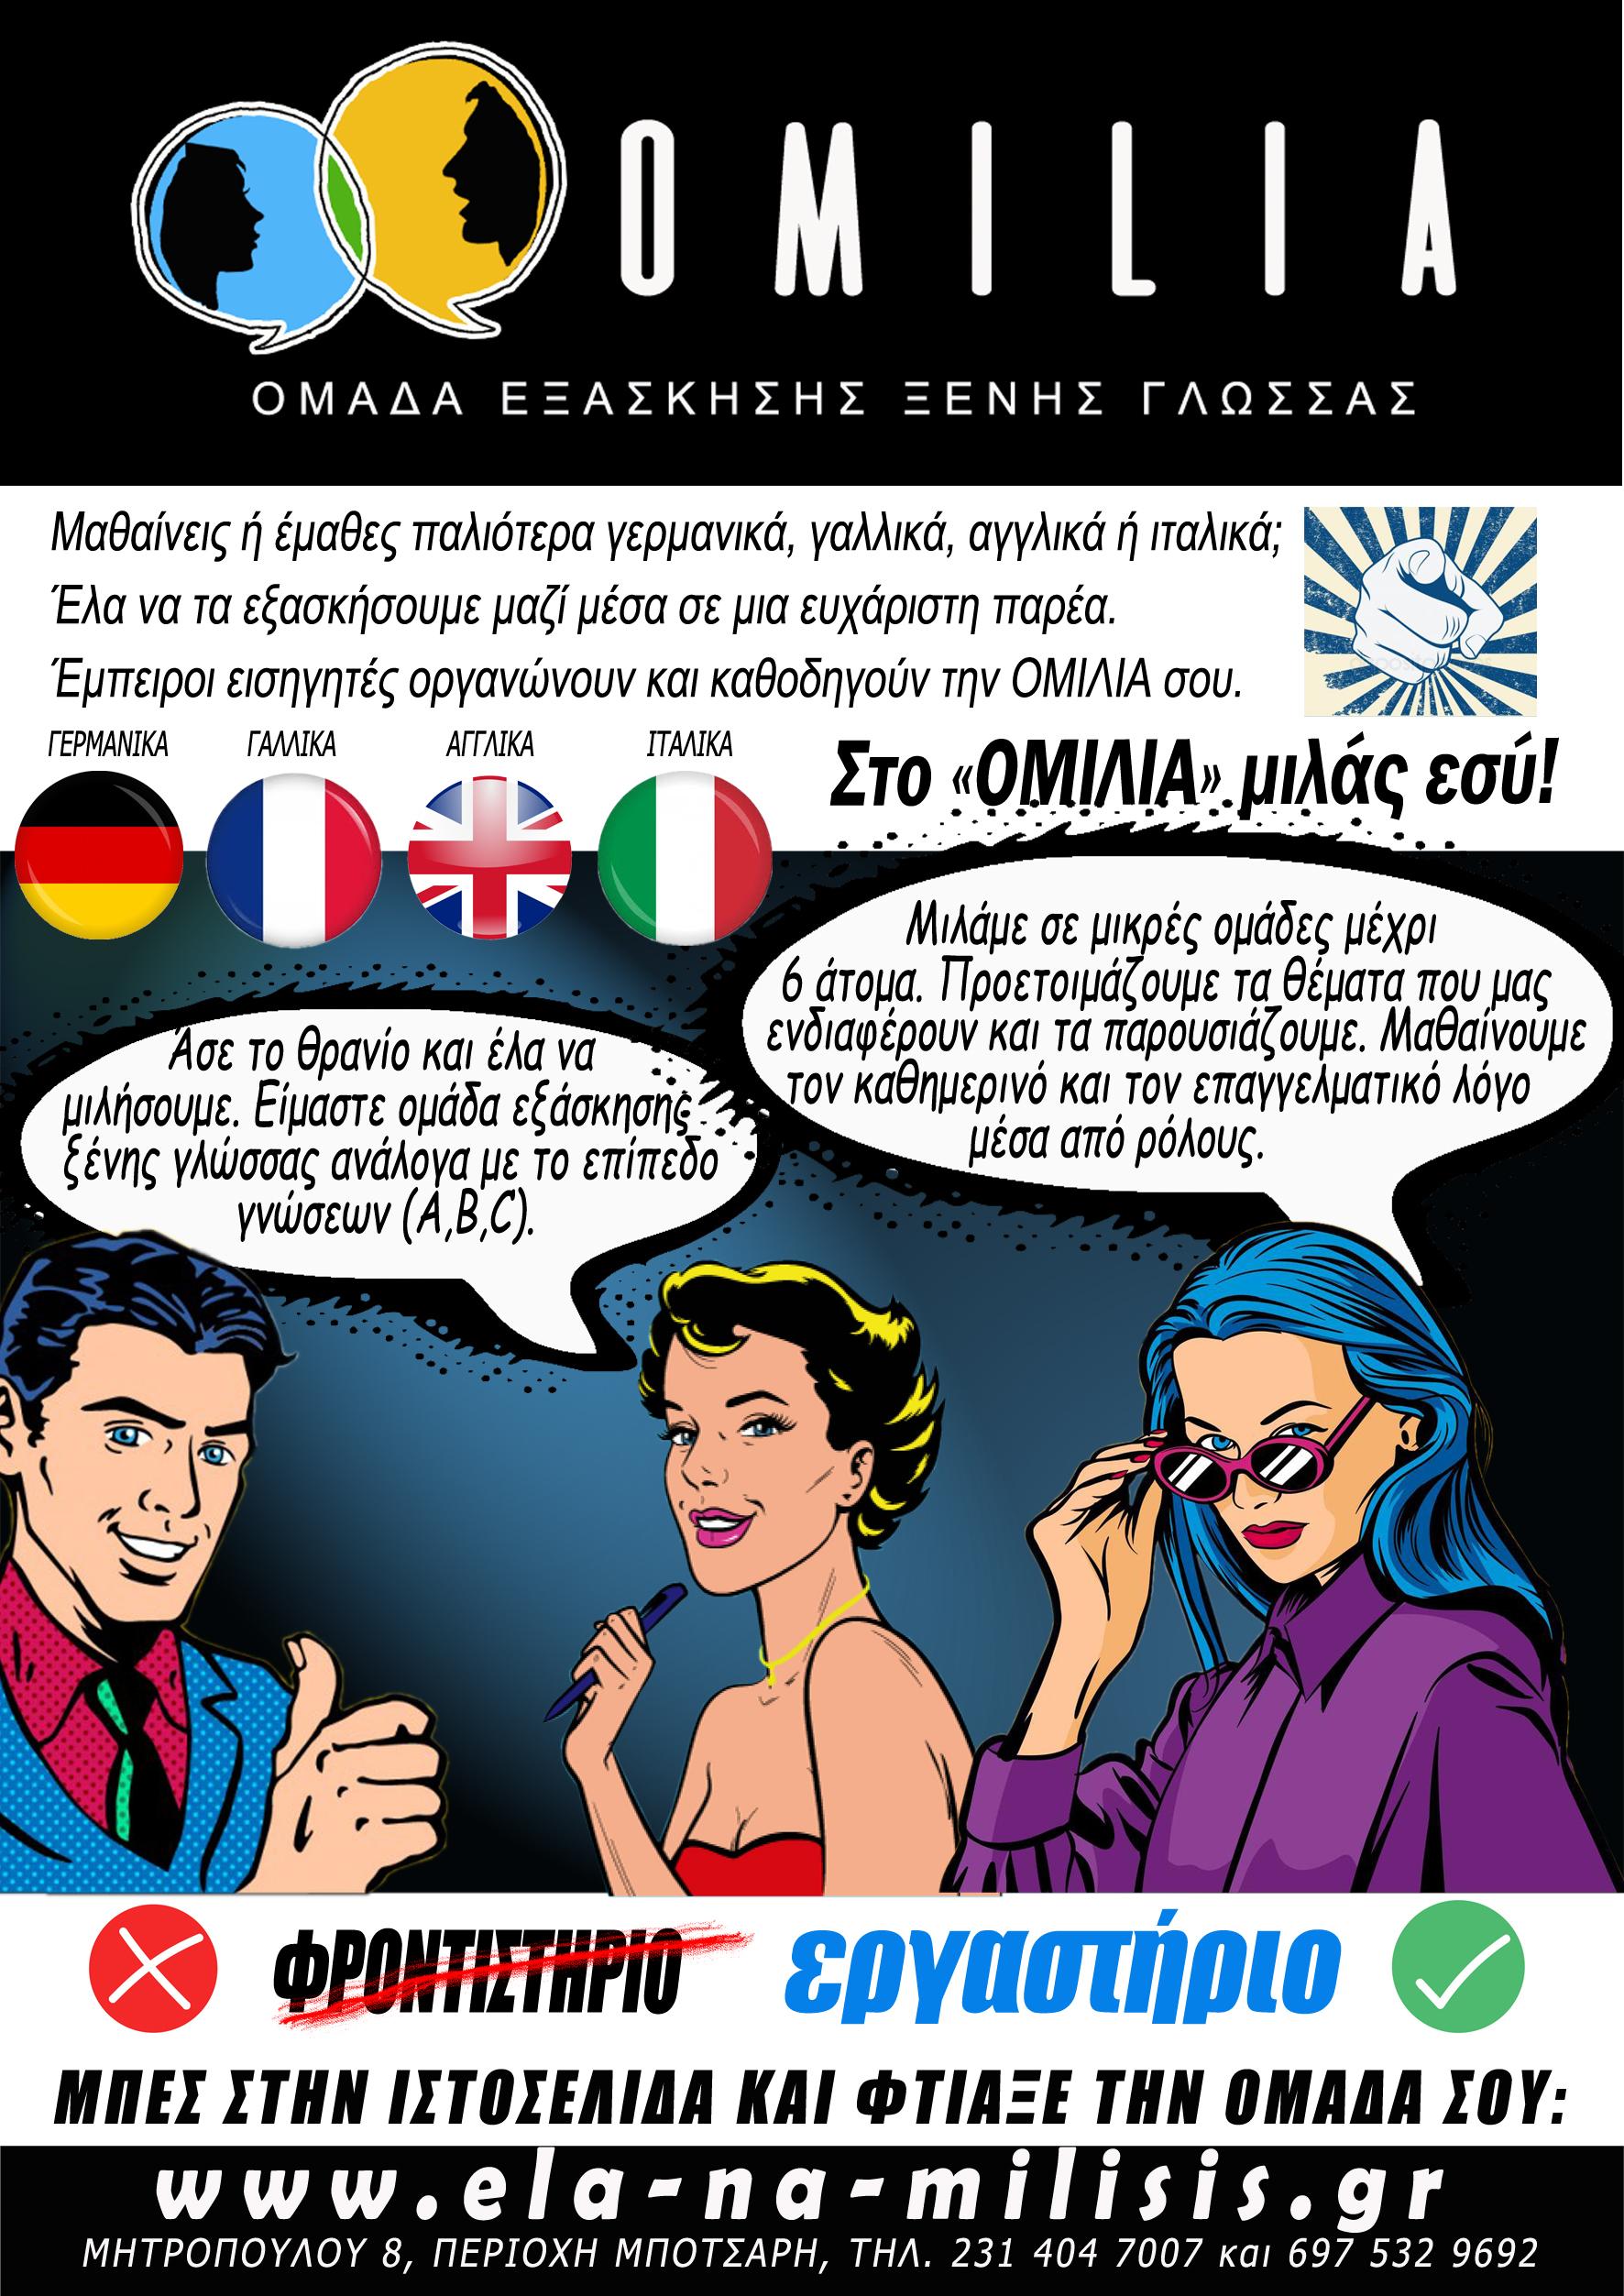 Ομάδα εξάσκησης ξένης γλώσσας